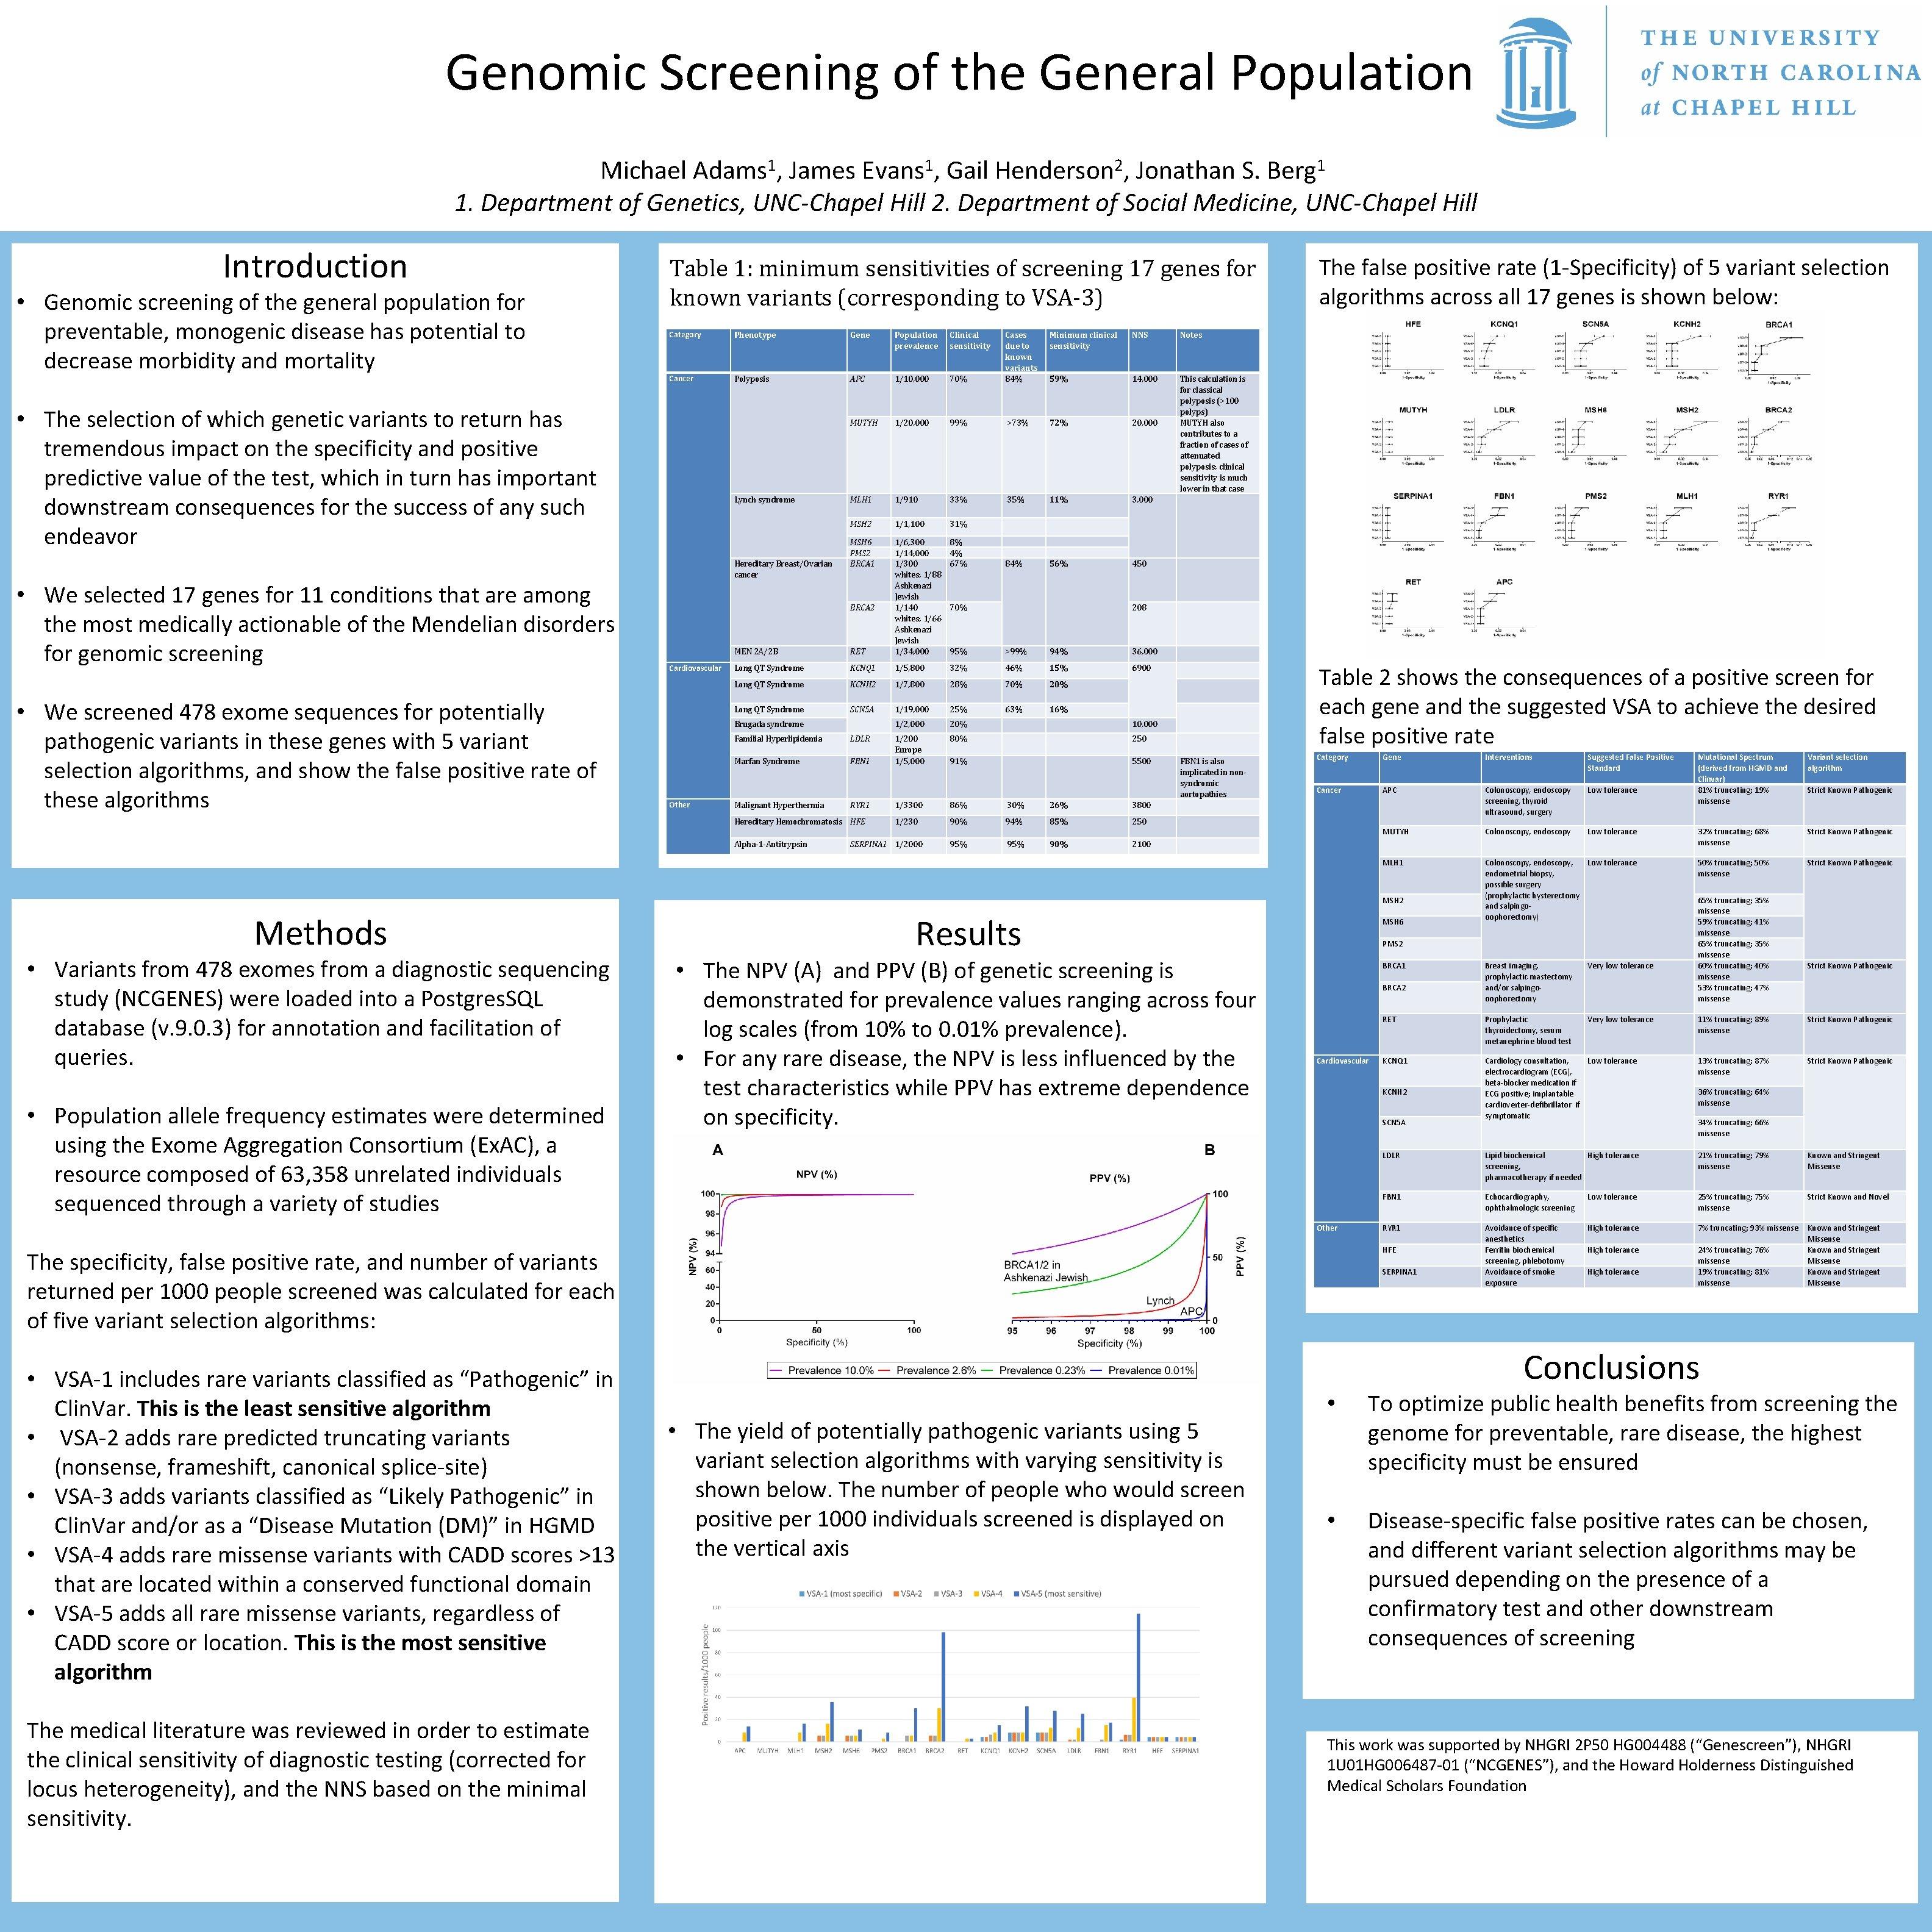 Genomic Screening of the General Population Michael Adams 1, James Evans 1, Gail Henderson